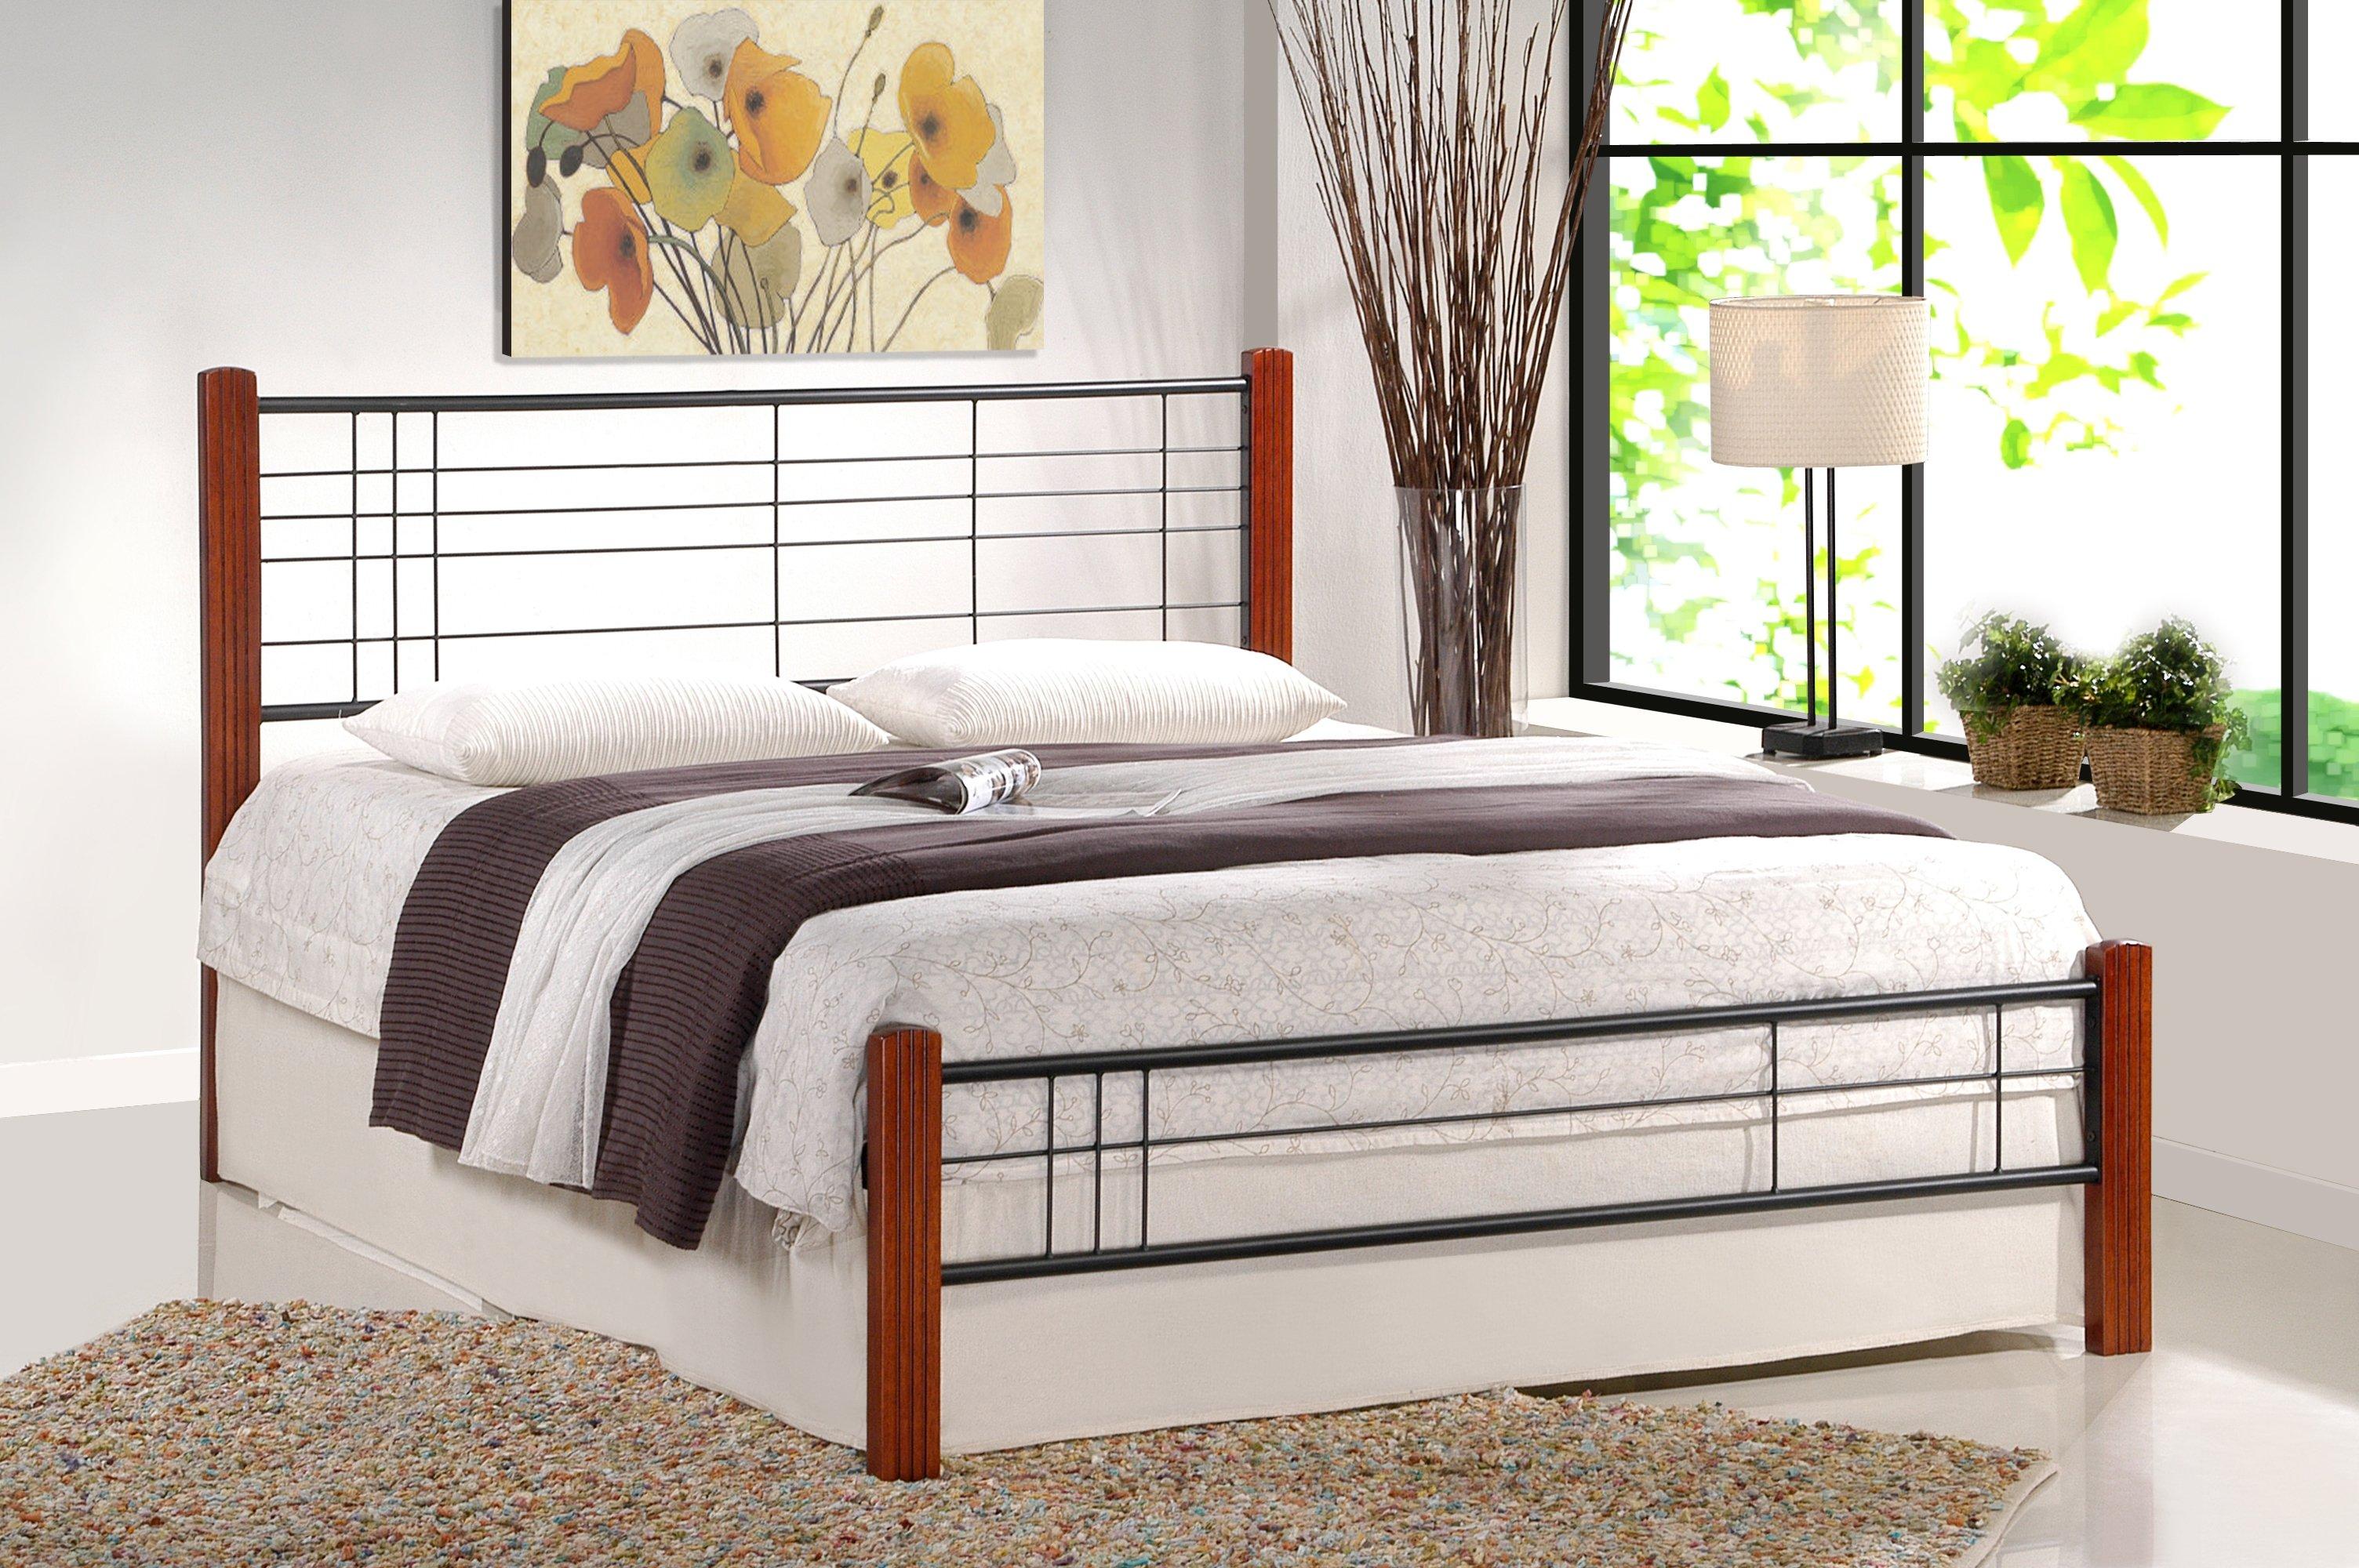 Jednolůžková postel 90 cm - Halmar - Viera (s roštem)